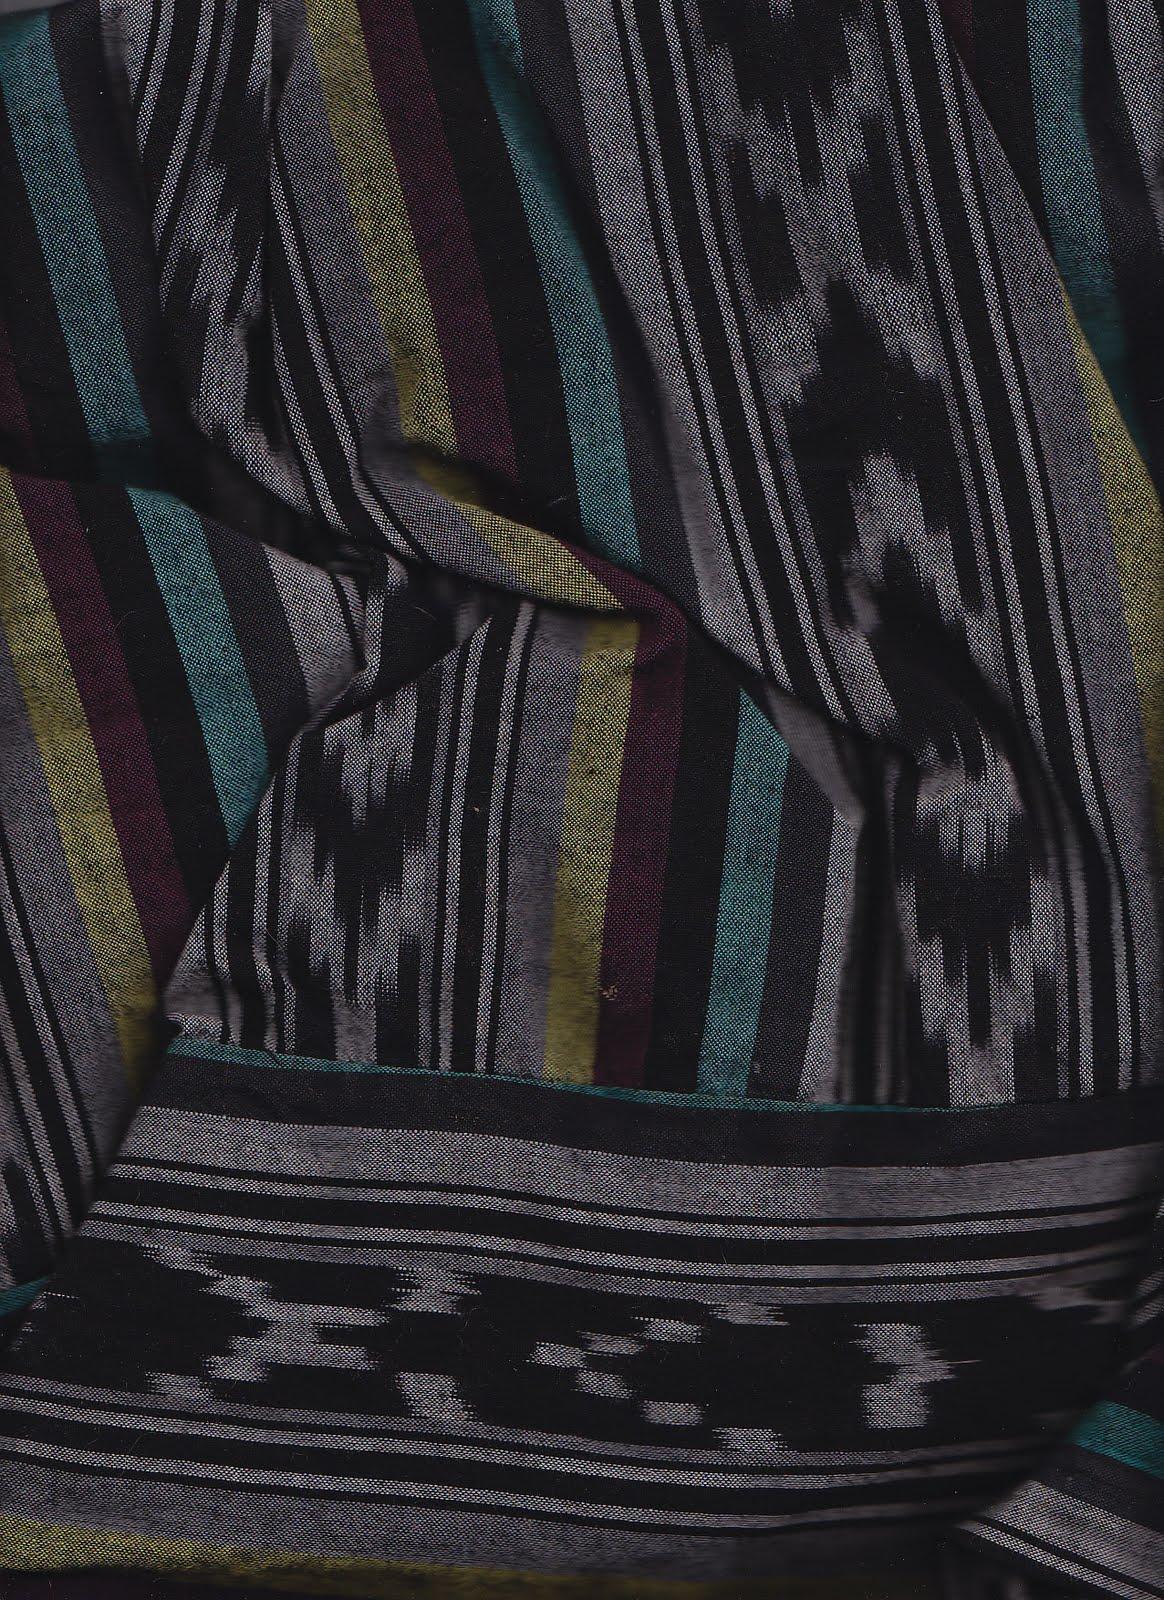 [stripes9]